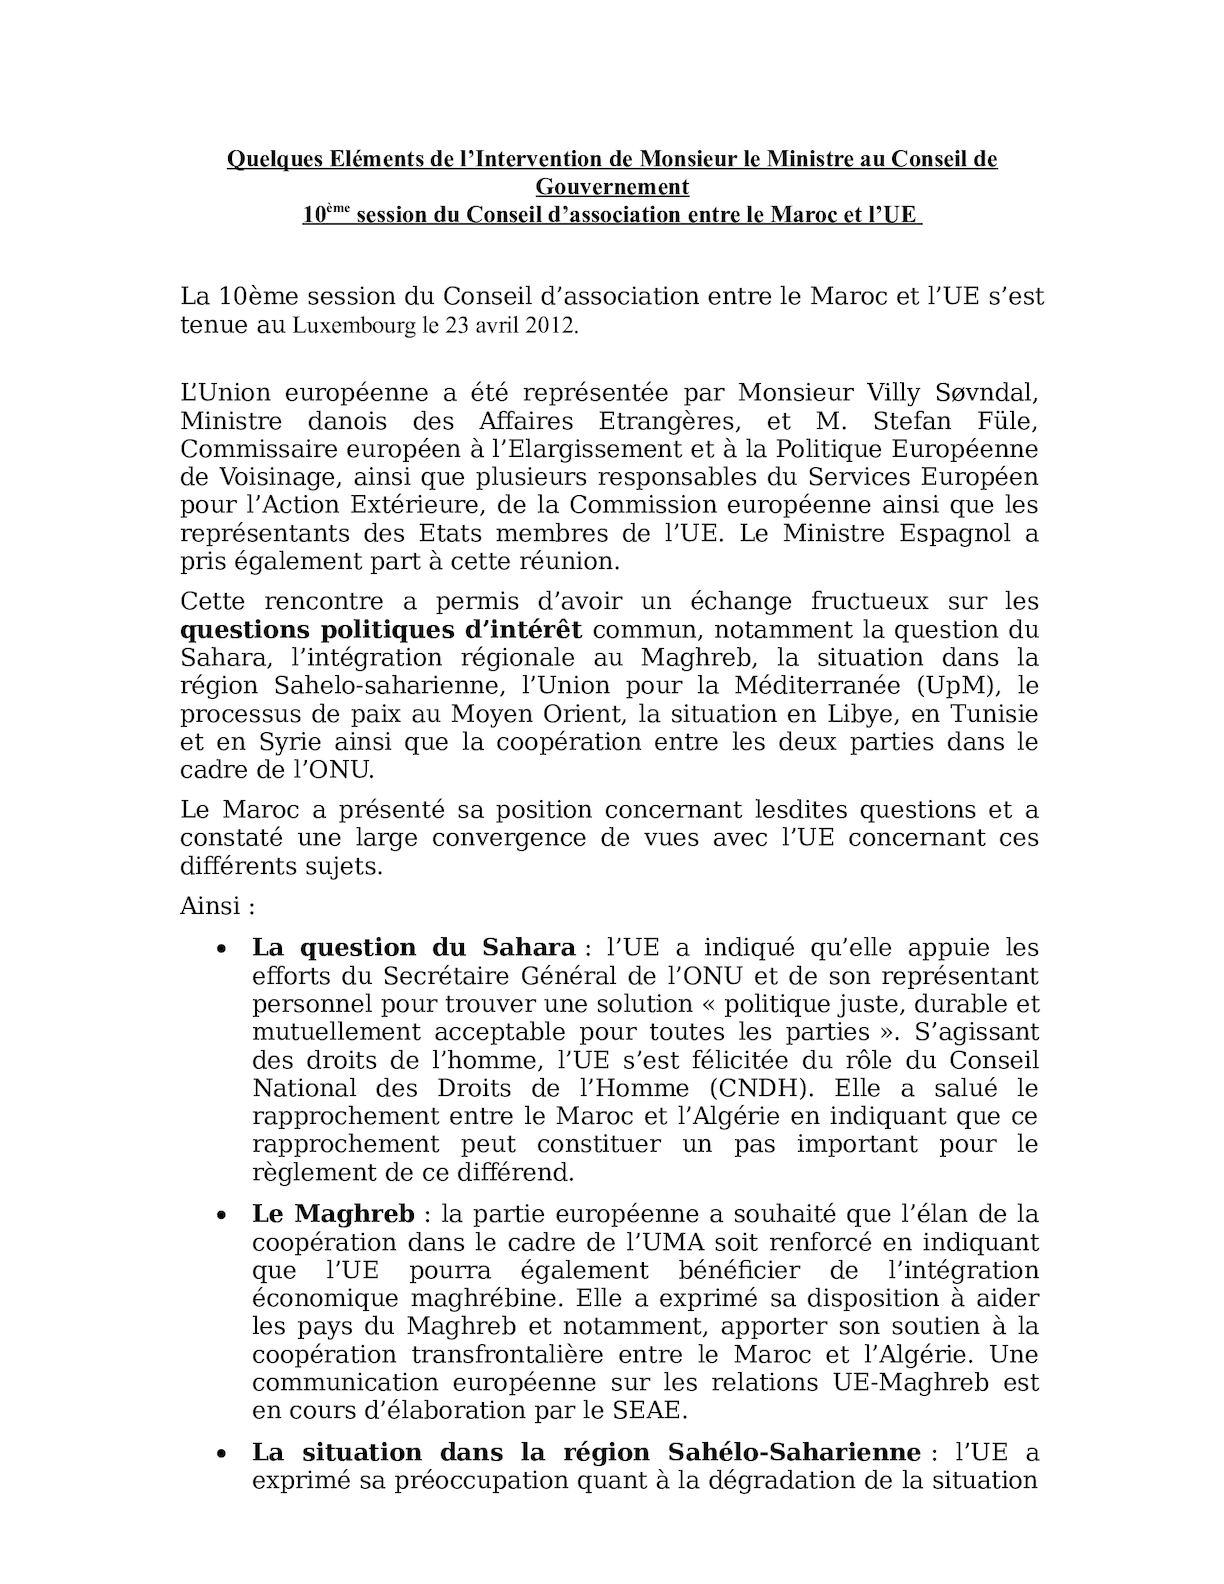 10ème Conseil D'association Maroc Ue